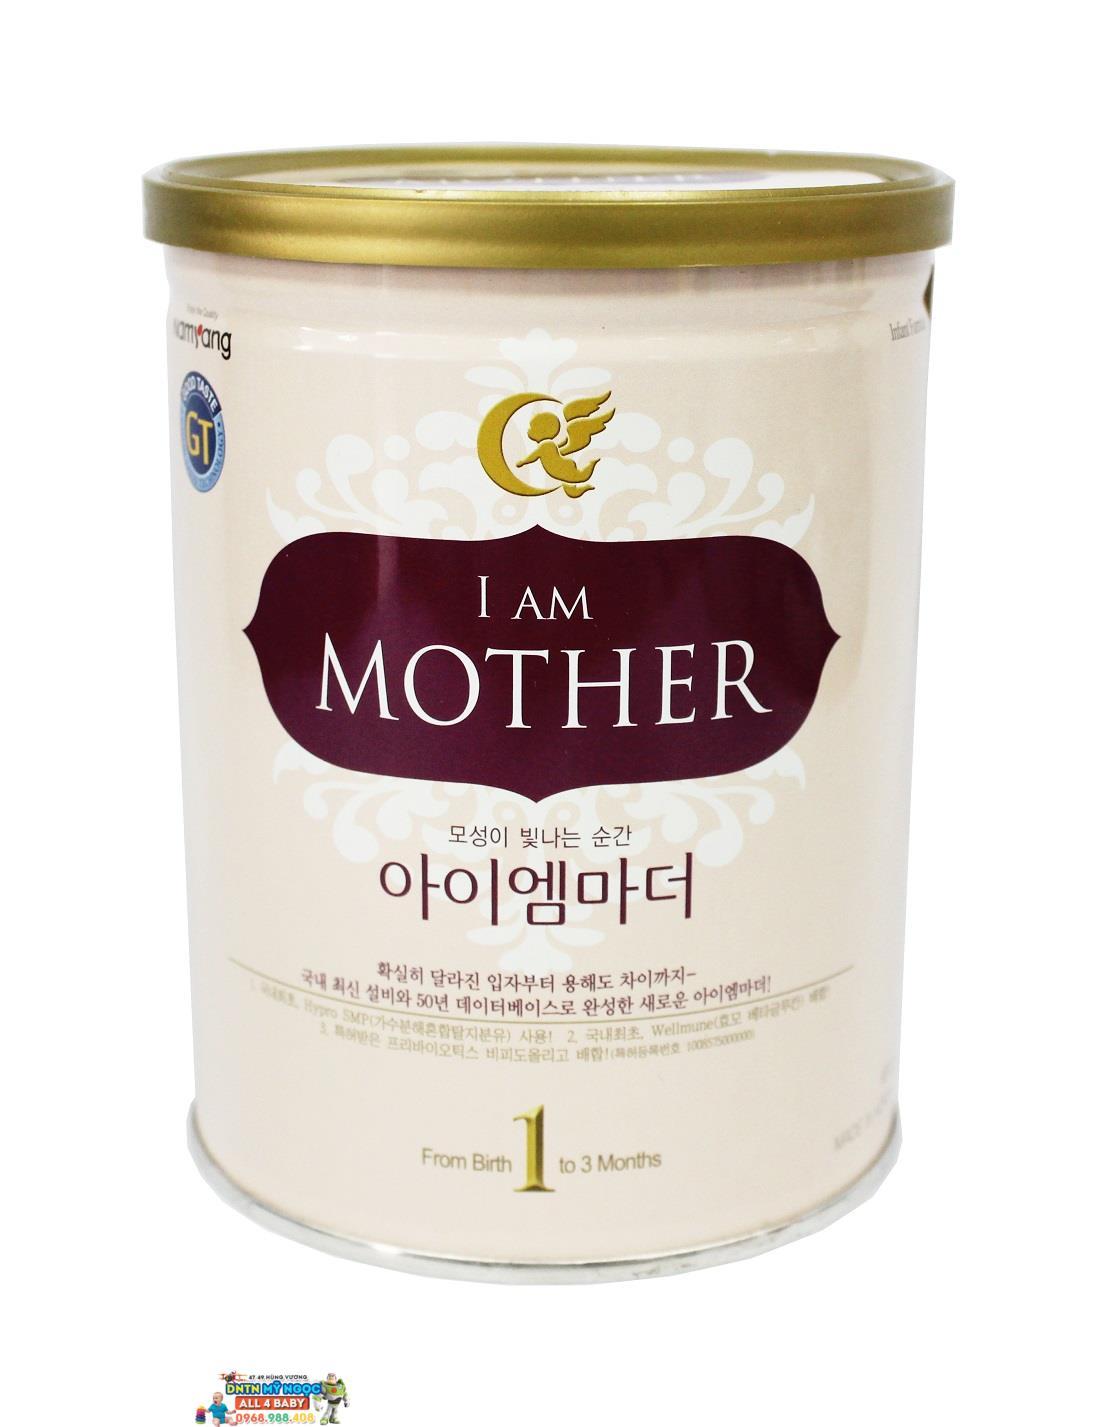 Sữa I am Mother số 1 400g dành cho bé từ 0 - 3 tháng tuổi